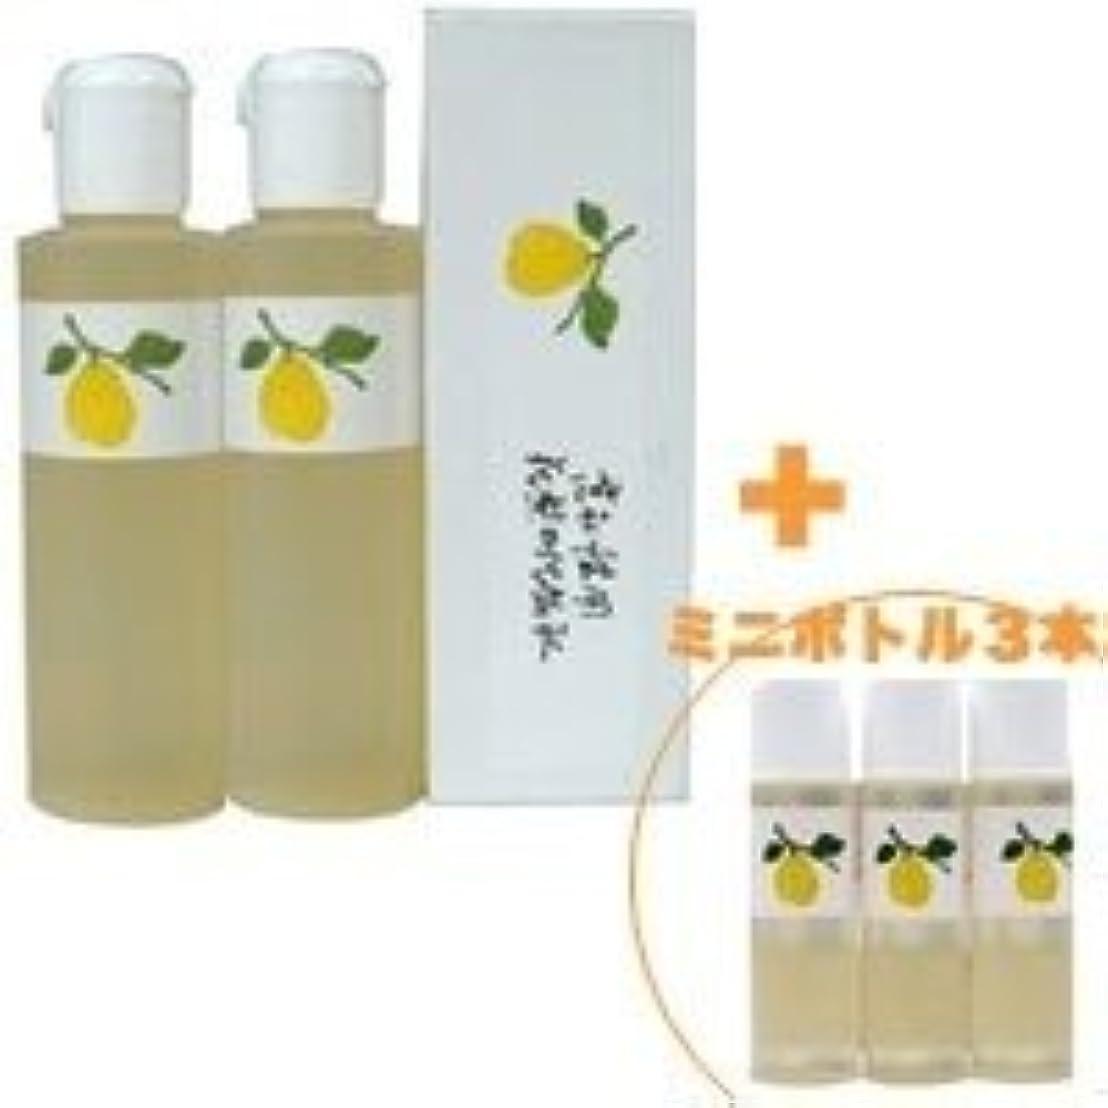 バス風刺代表する花梨の化粧水 花梨の化粧水 200ml 2本&ミニボトル 3本